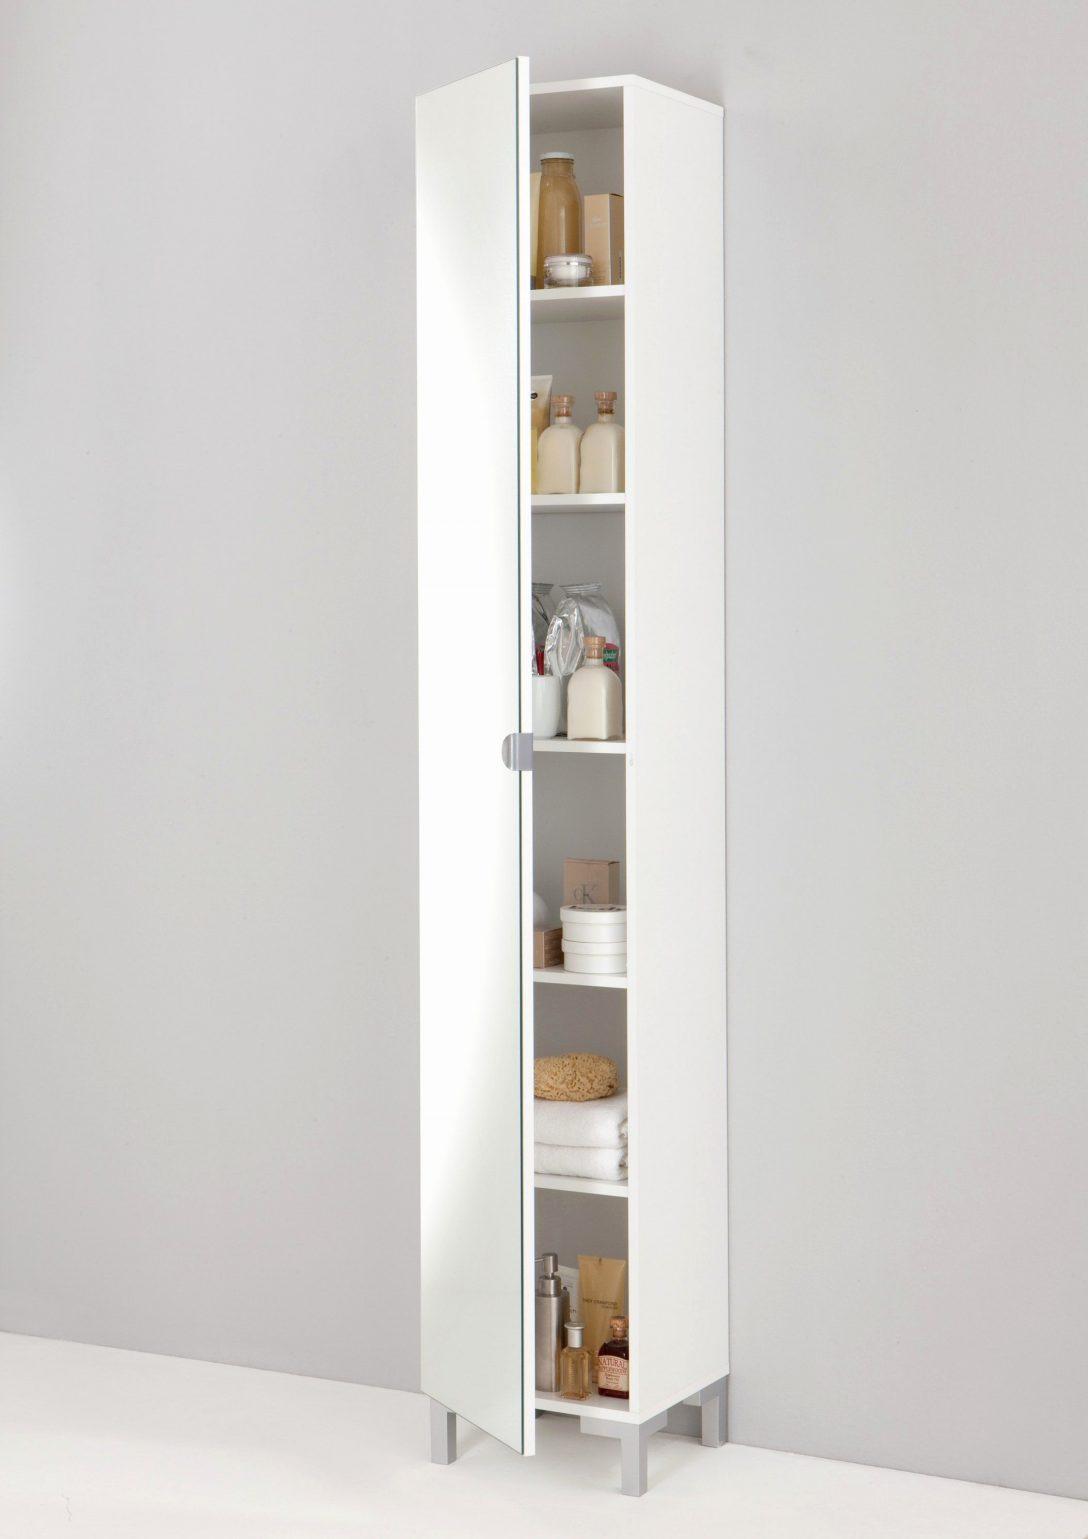 Full Size of Ikea Apothekerschrank Kche 20cm Breit Luxus 40 Cm Billig Kaufen L Miniküche Sofa Mit Schlaffunktion Küche Kosten Modulküche Betten Bei 160x200 Wohnzimmer Ikea Apothekerschrank